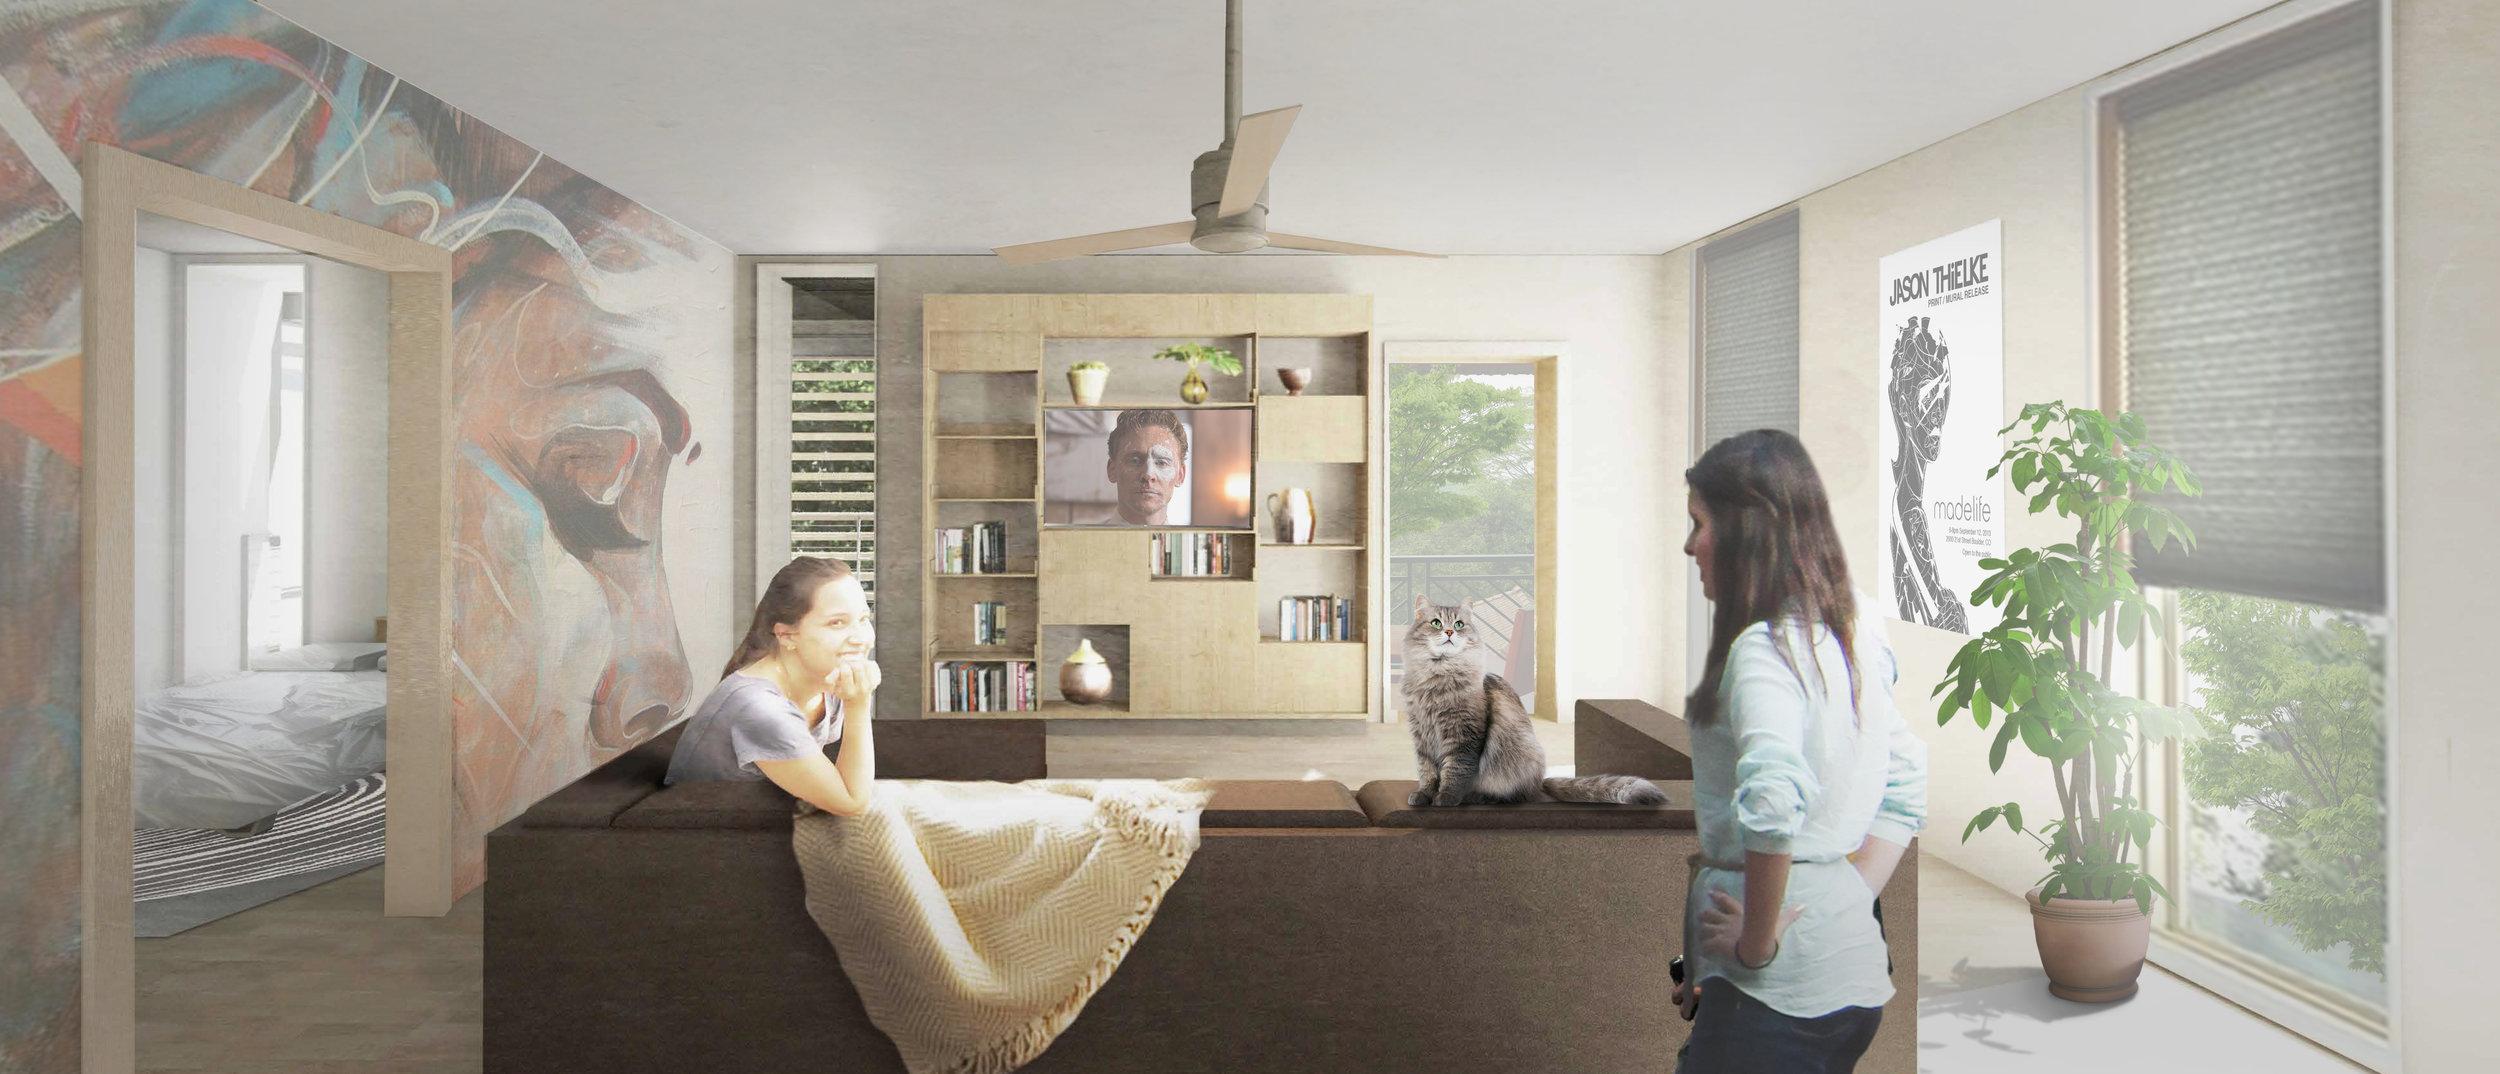 LIVING_ROOM_RENDER2.jpg